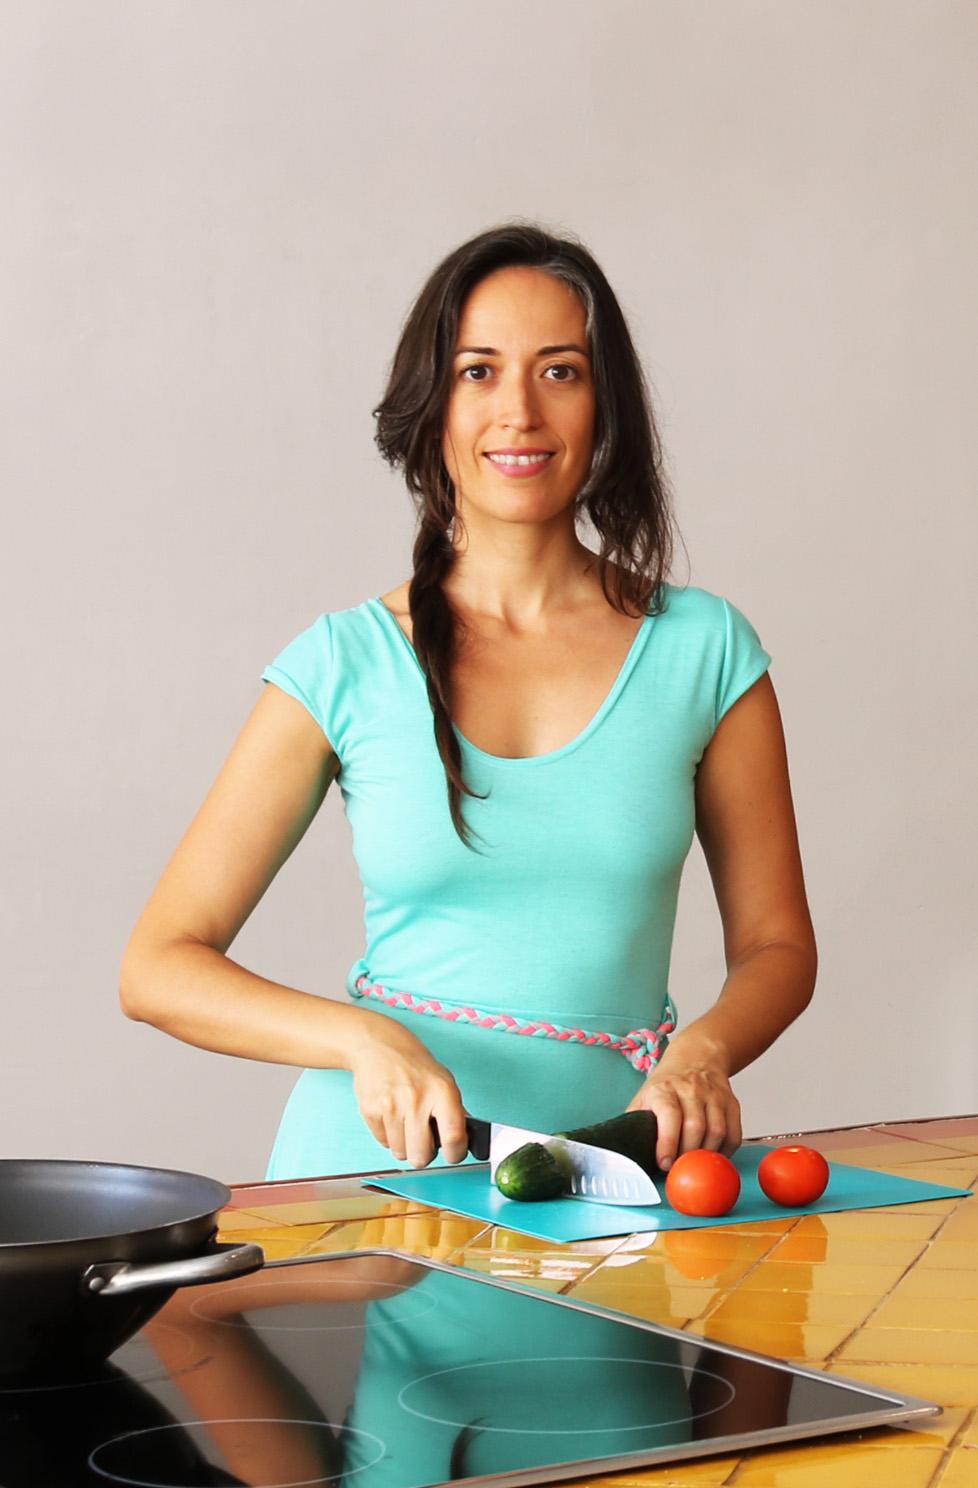 Clases de cocina vegana